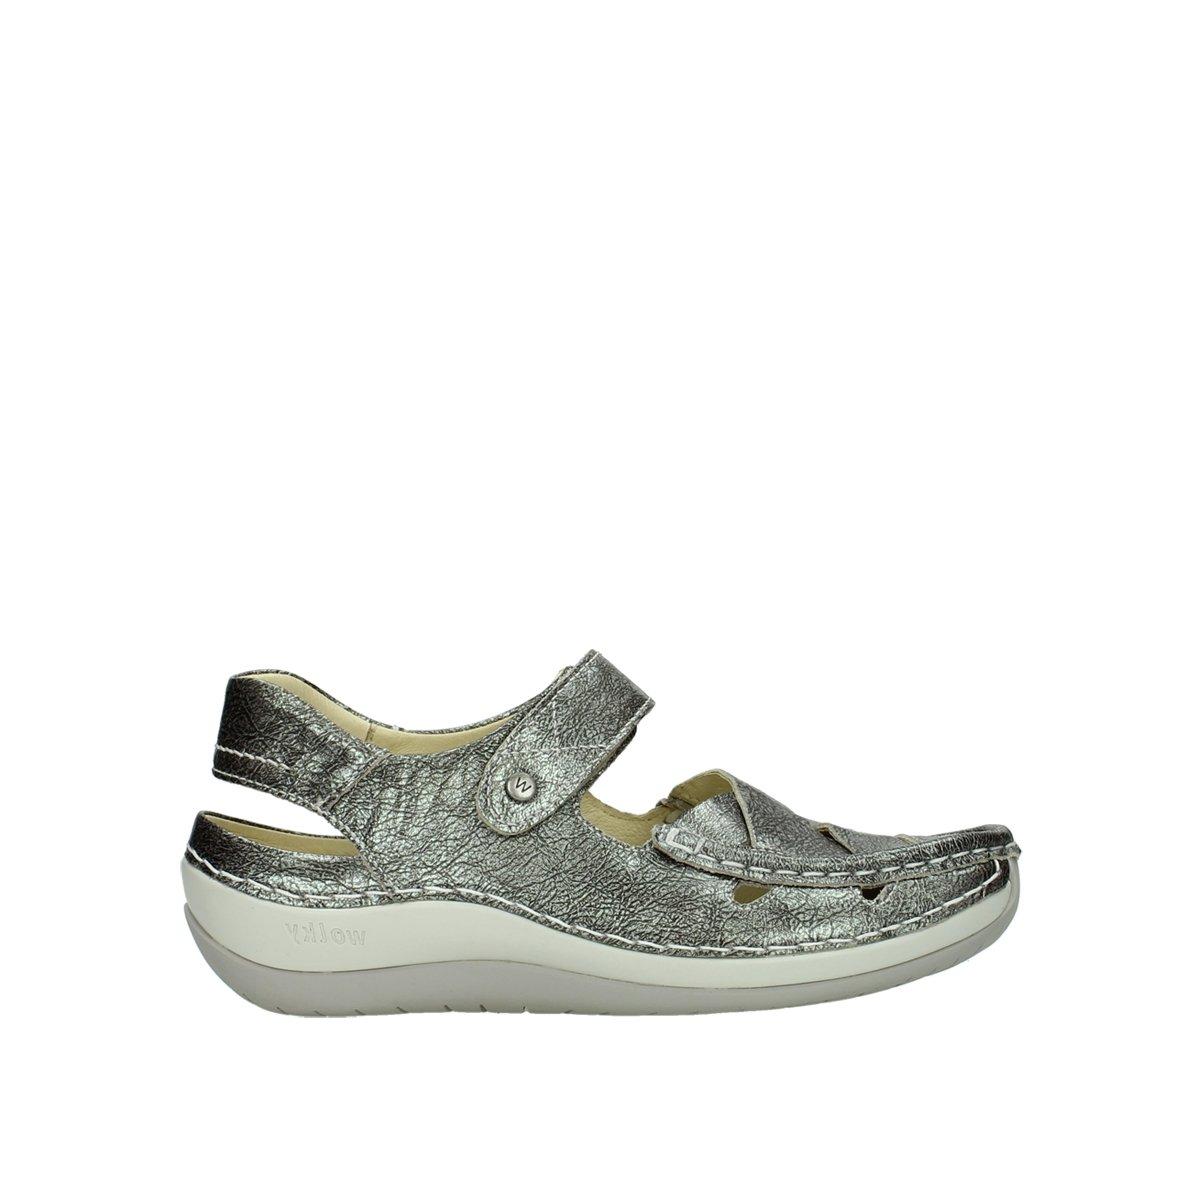 Wolky Y Mujer Complementos Amazon es Sandalias Lily De La Zapatos rFrZvx